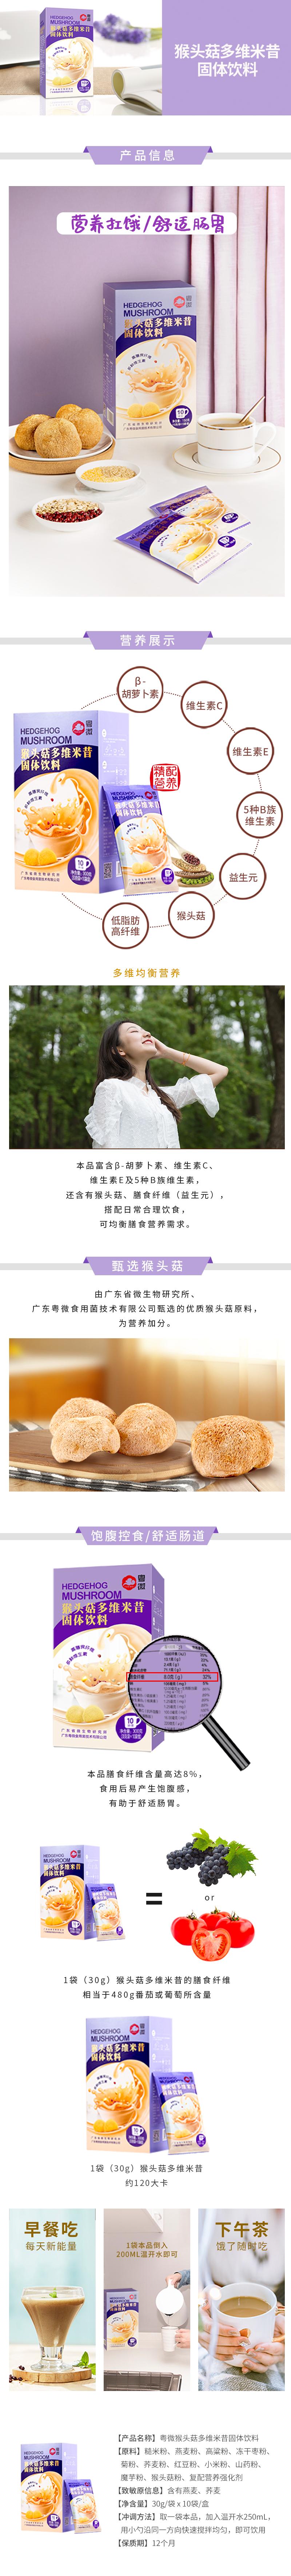 猴头菇多维米昔固体饮料